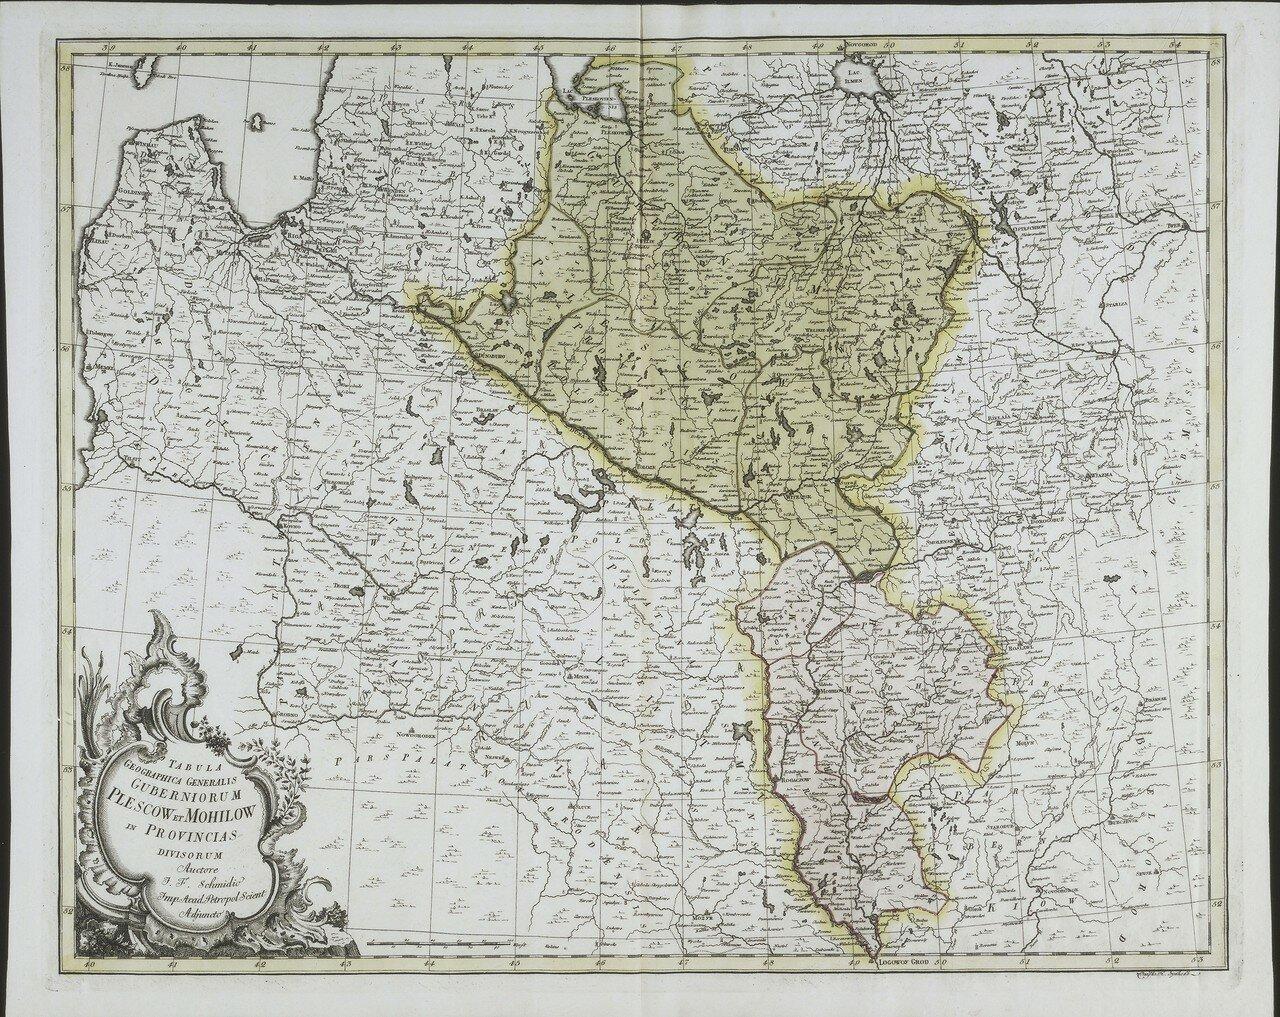 1750. Карта Псковской и Могилевской губерний